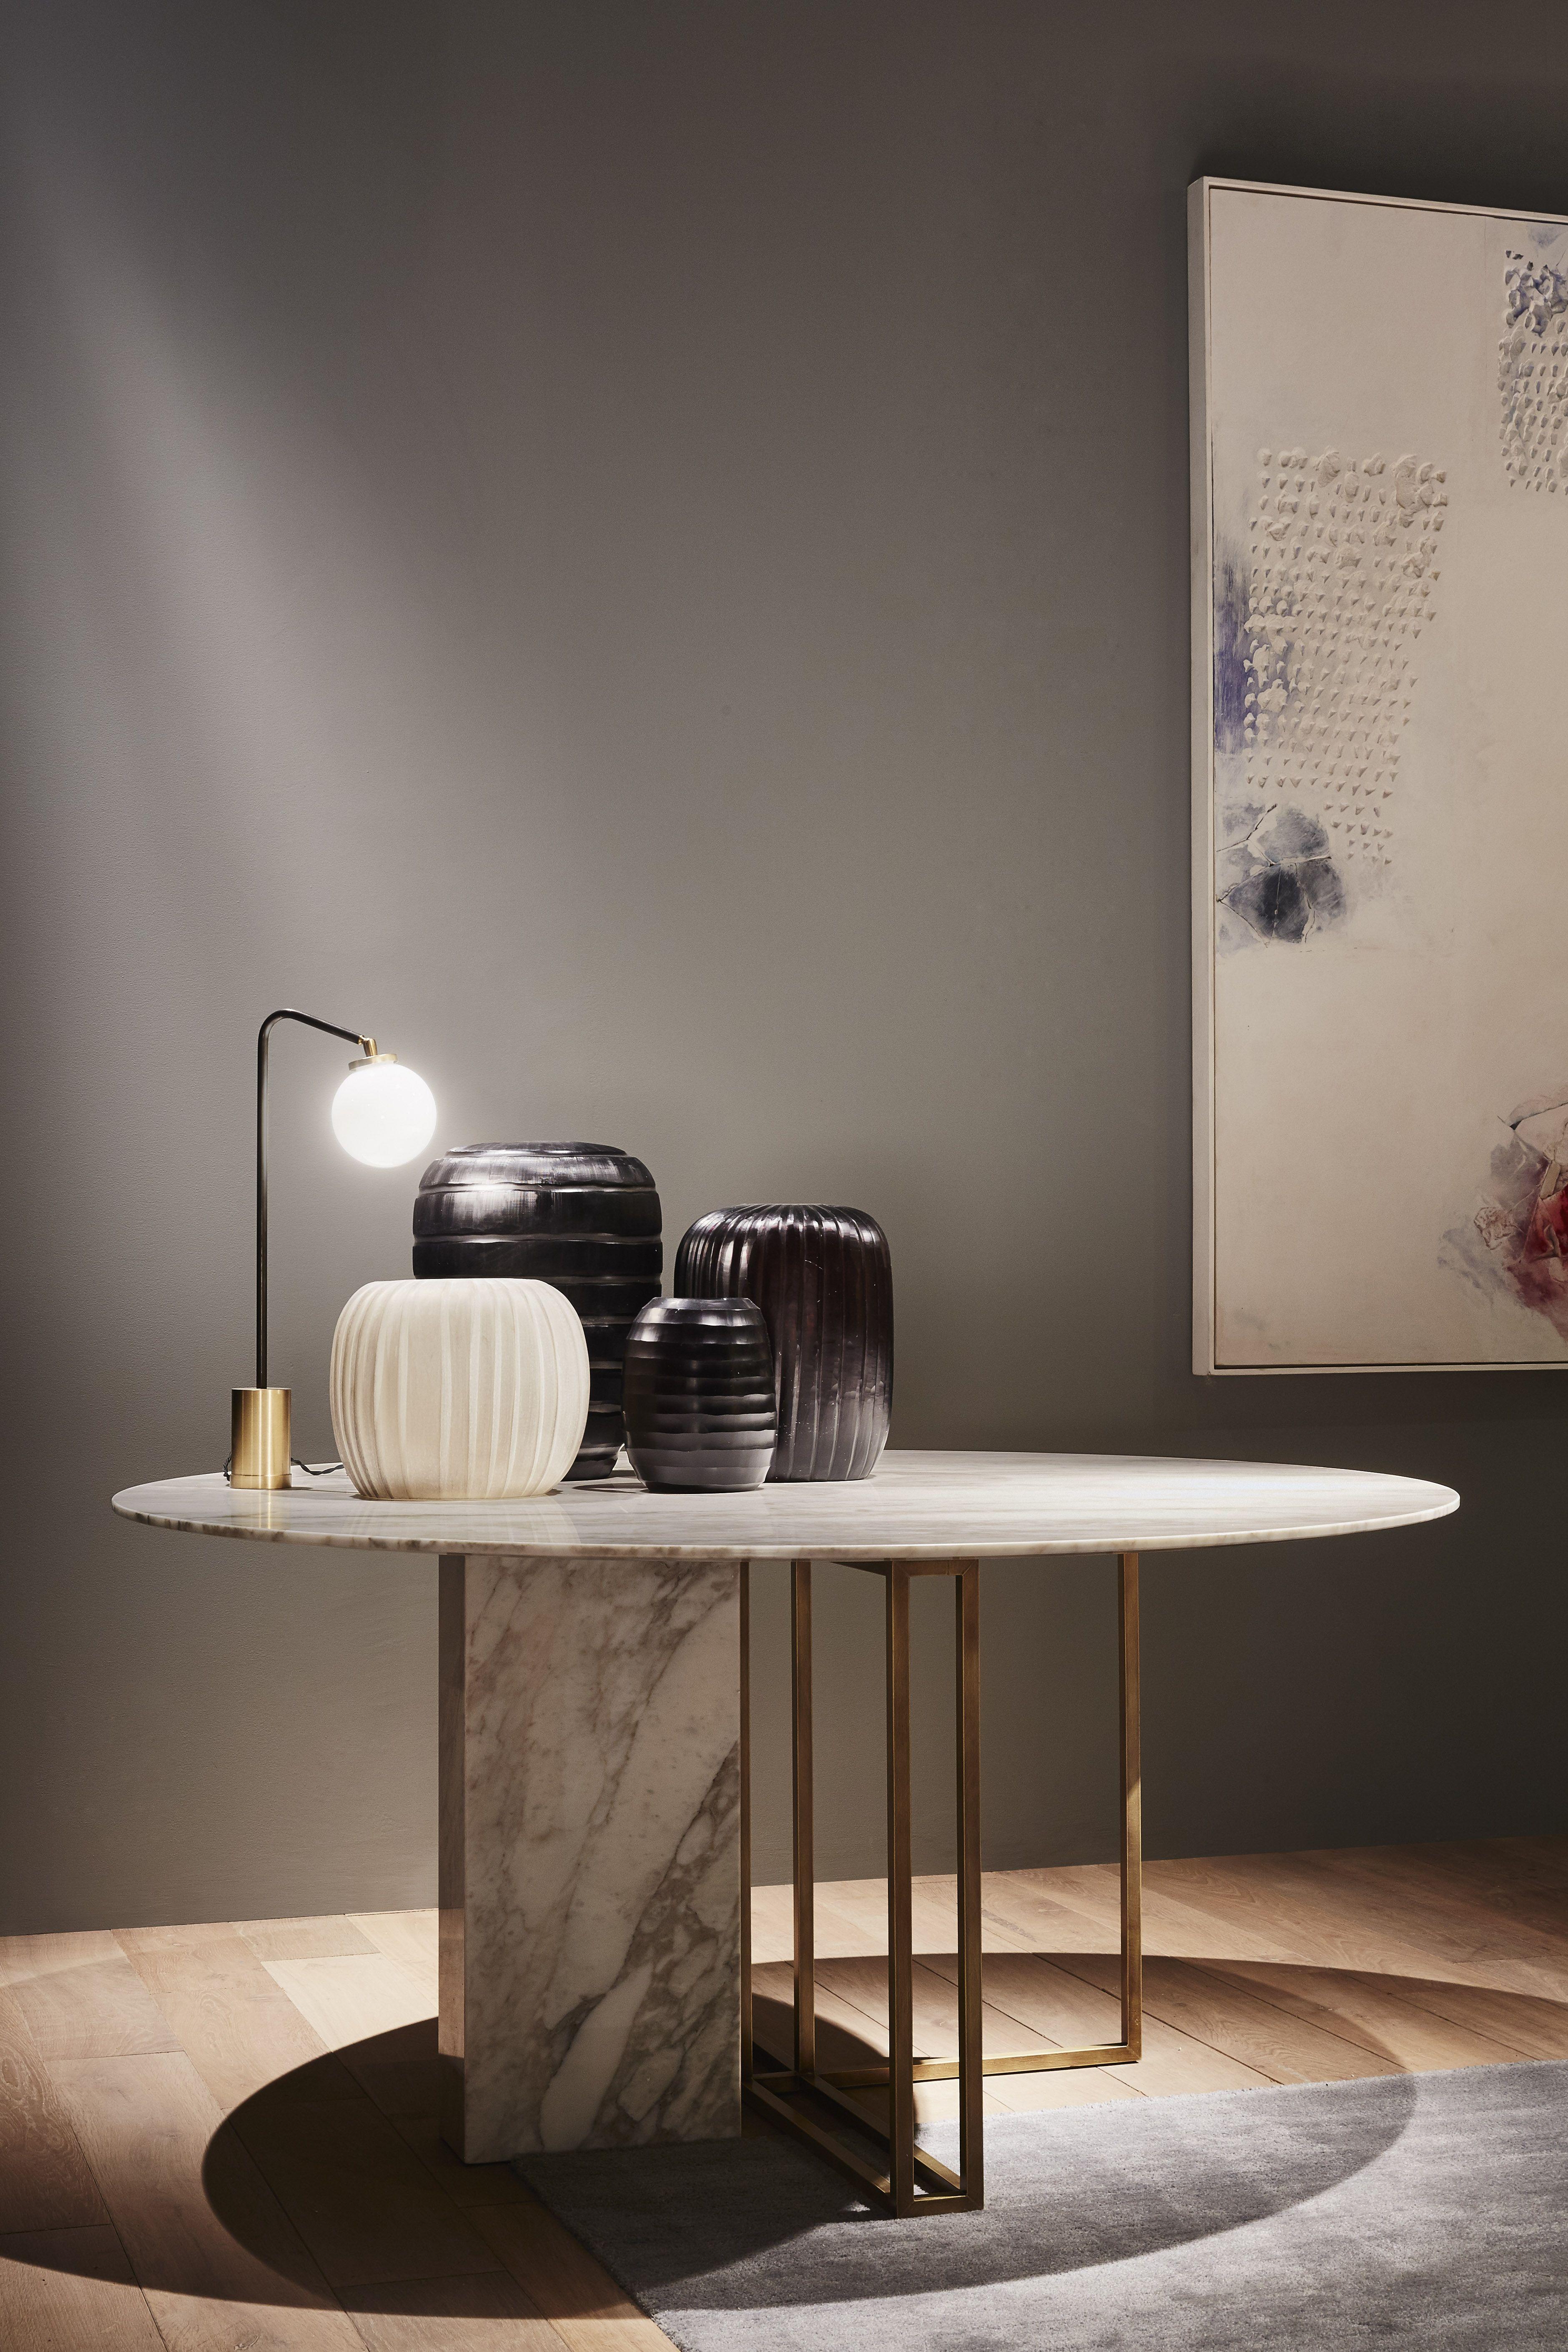 Plinto table design andrea parisio for meridiani for Mobili da salone